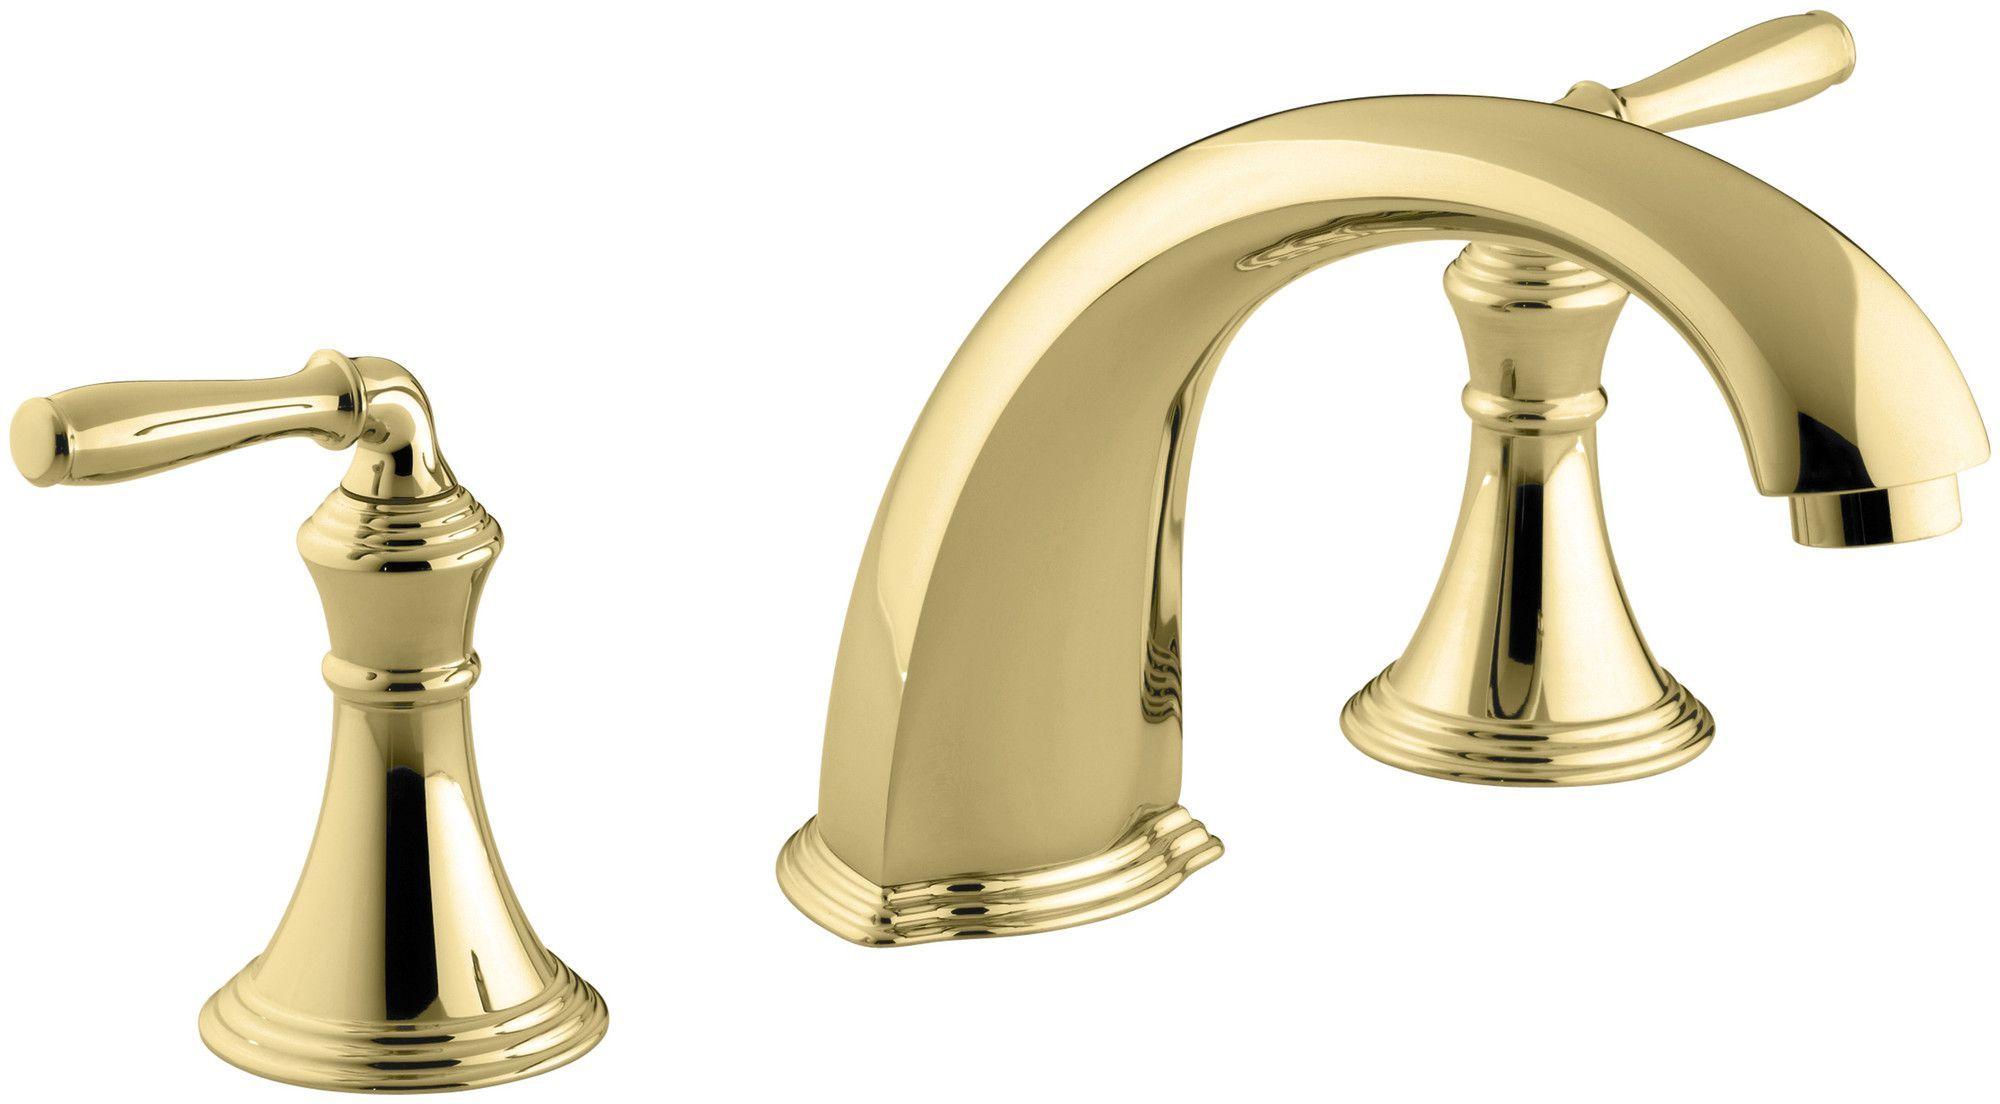 """Devonshire Deck-/Rim-Mount Bath Faucet Trim for High-Flow Valve with 9"""" Non-Diverter Spout and Lever Handles, Valve Not Included"""